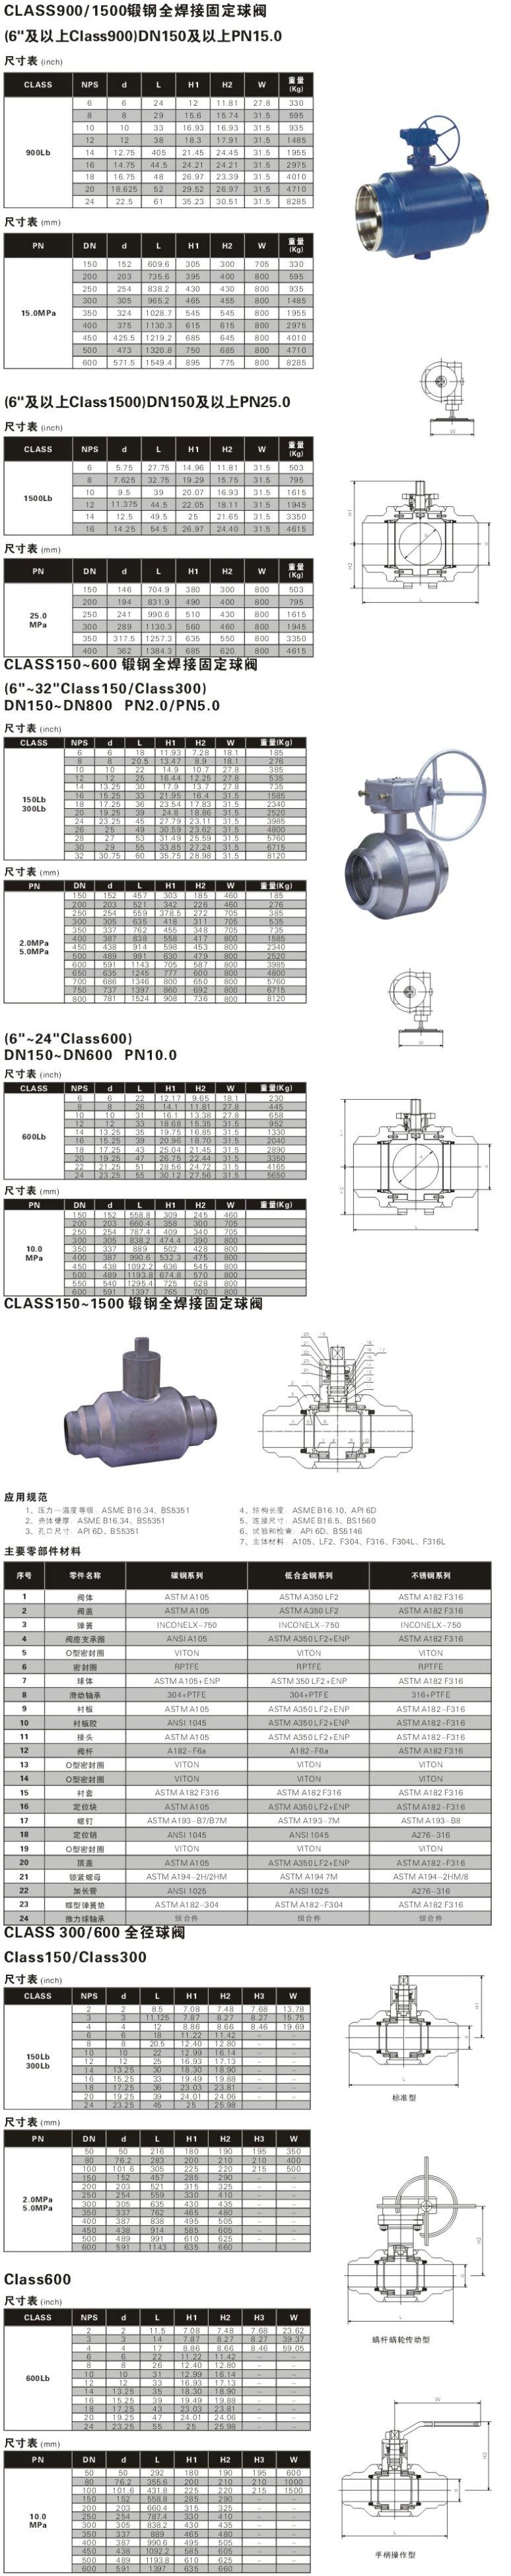 全焊接球阀结构图.jpg